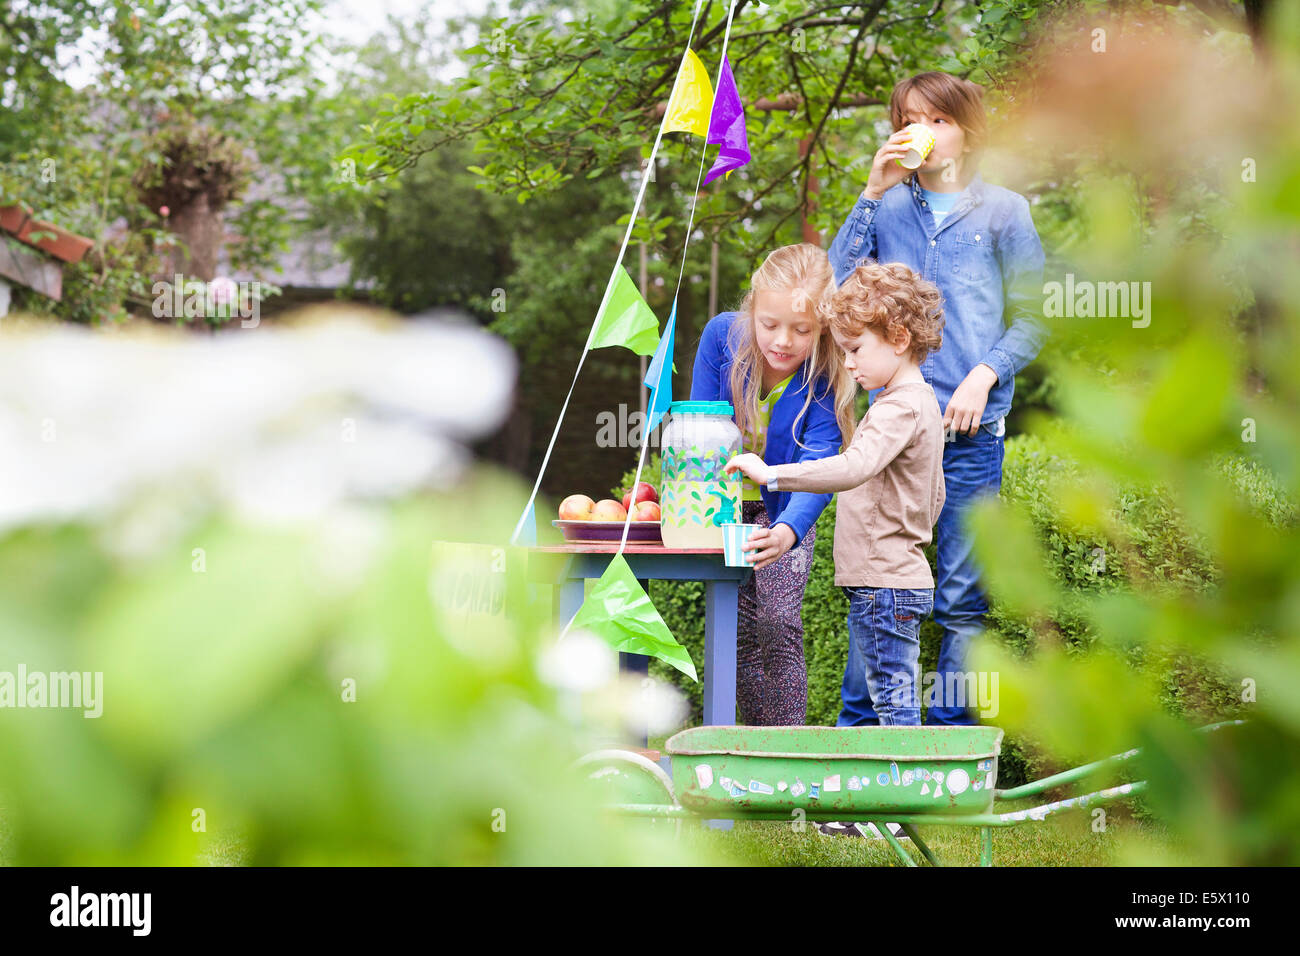 Los hermanos en su puesto de venta de limonada en su jardín Imagen De Stock